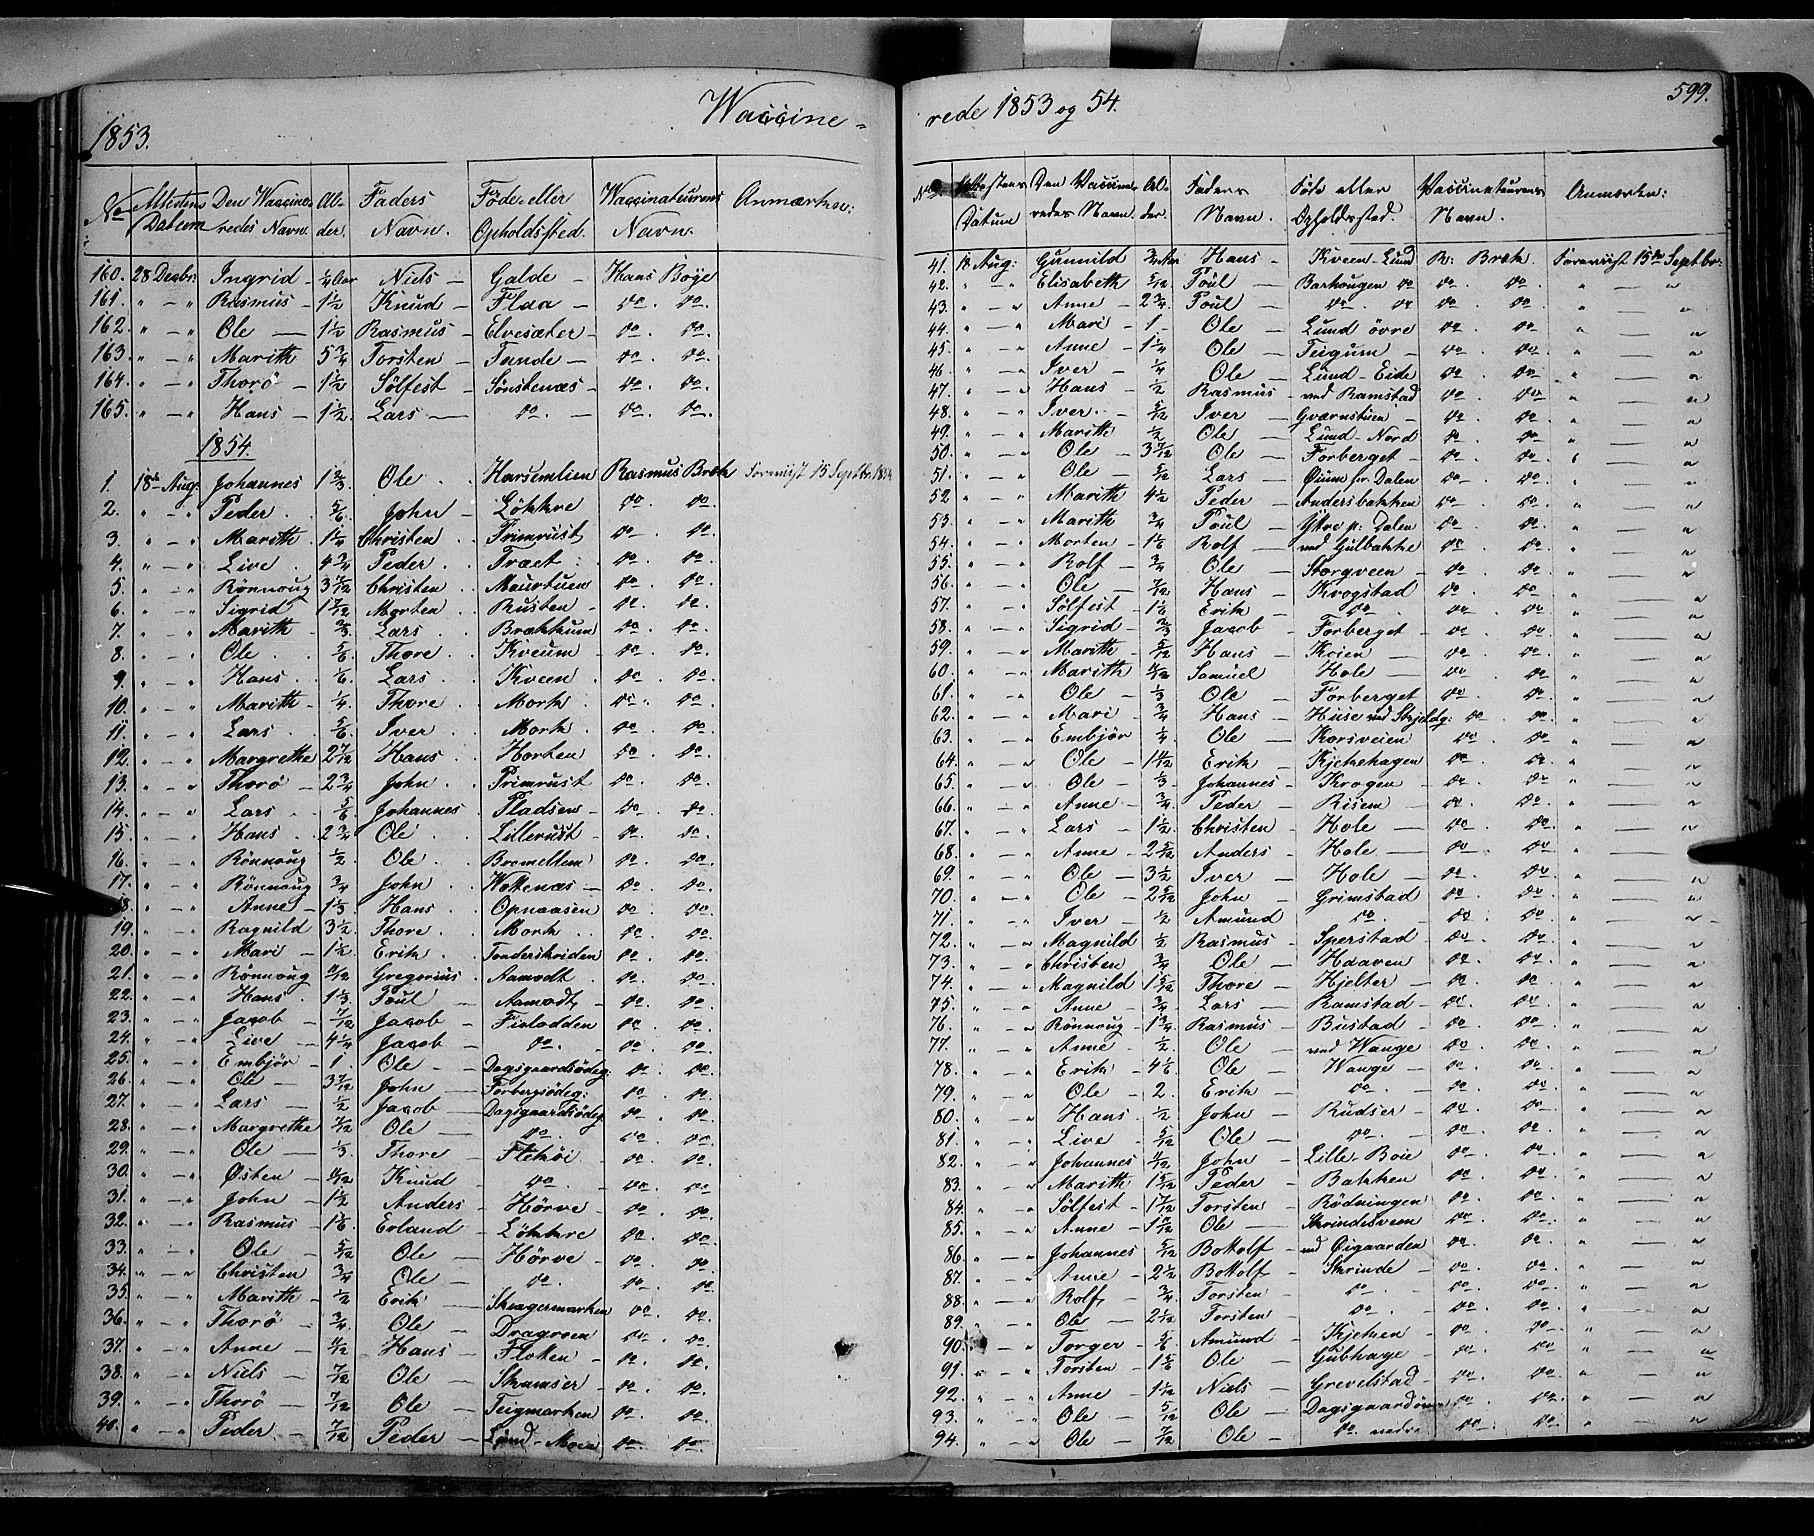 SAH, Lom prestekontor, K/L0006: Ministerialbok nr. 6B, 1837-1863, s. 599